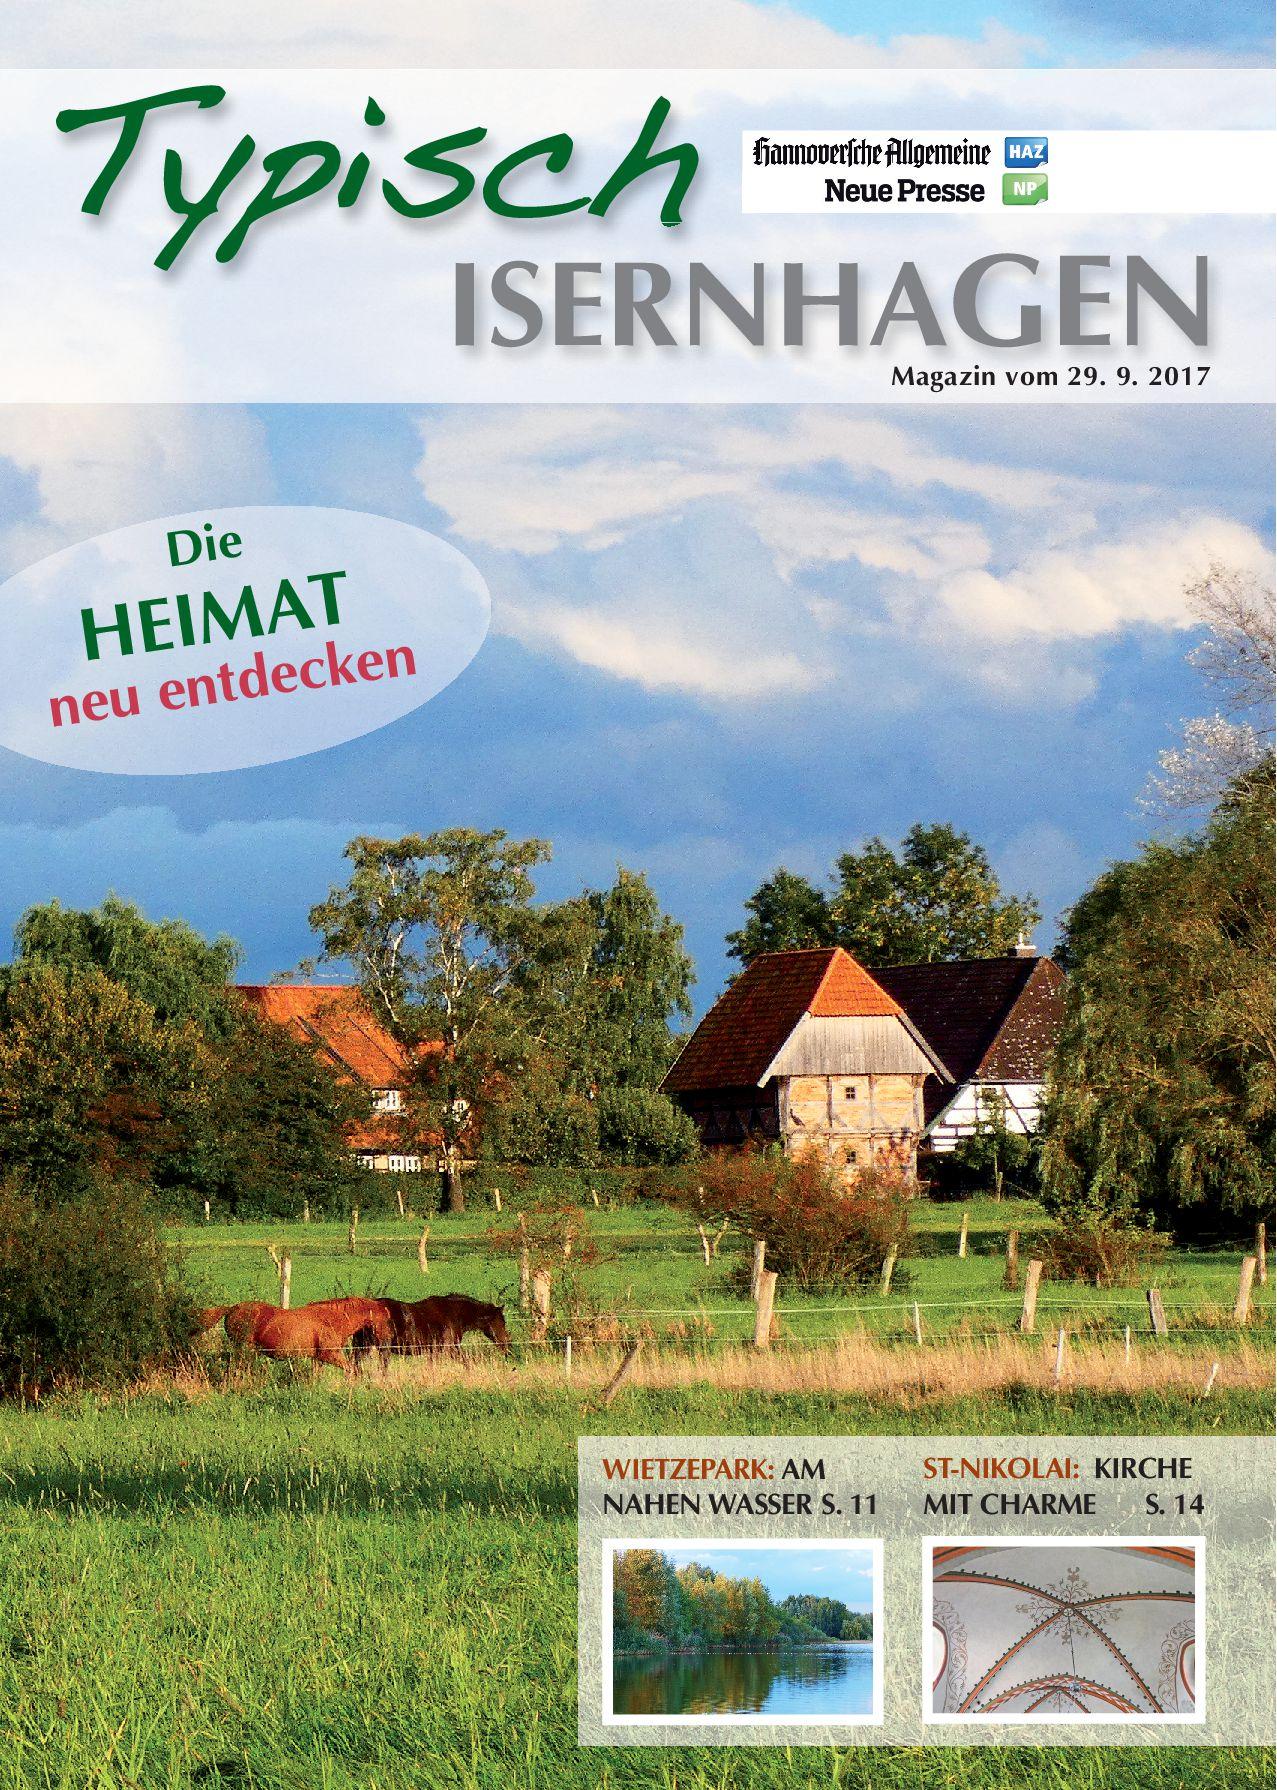 isernhagen-nr-1-vom-29-09-2017